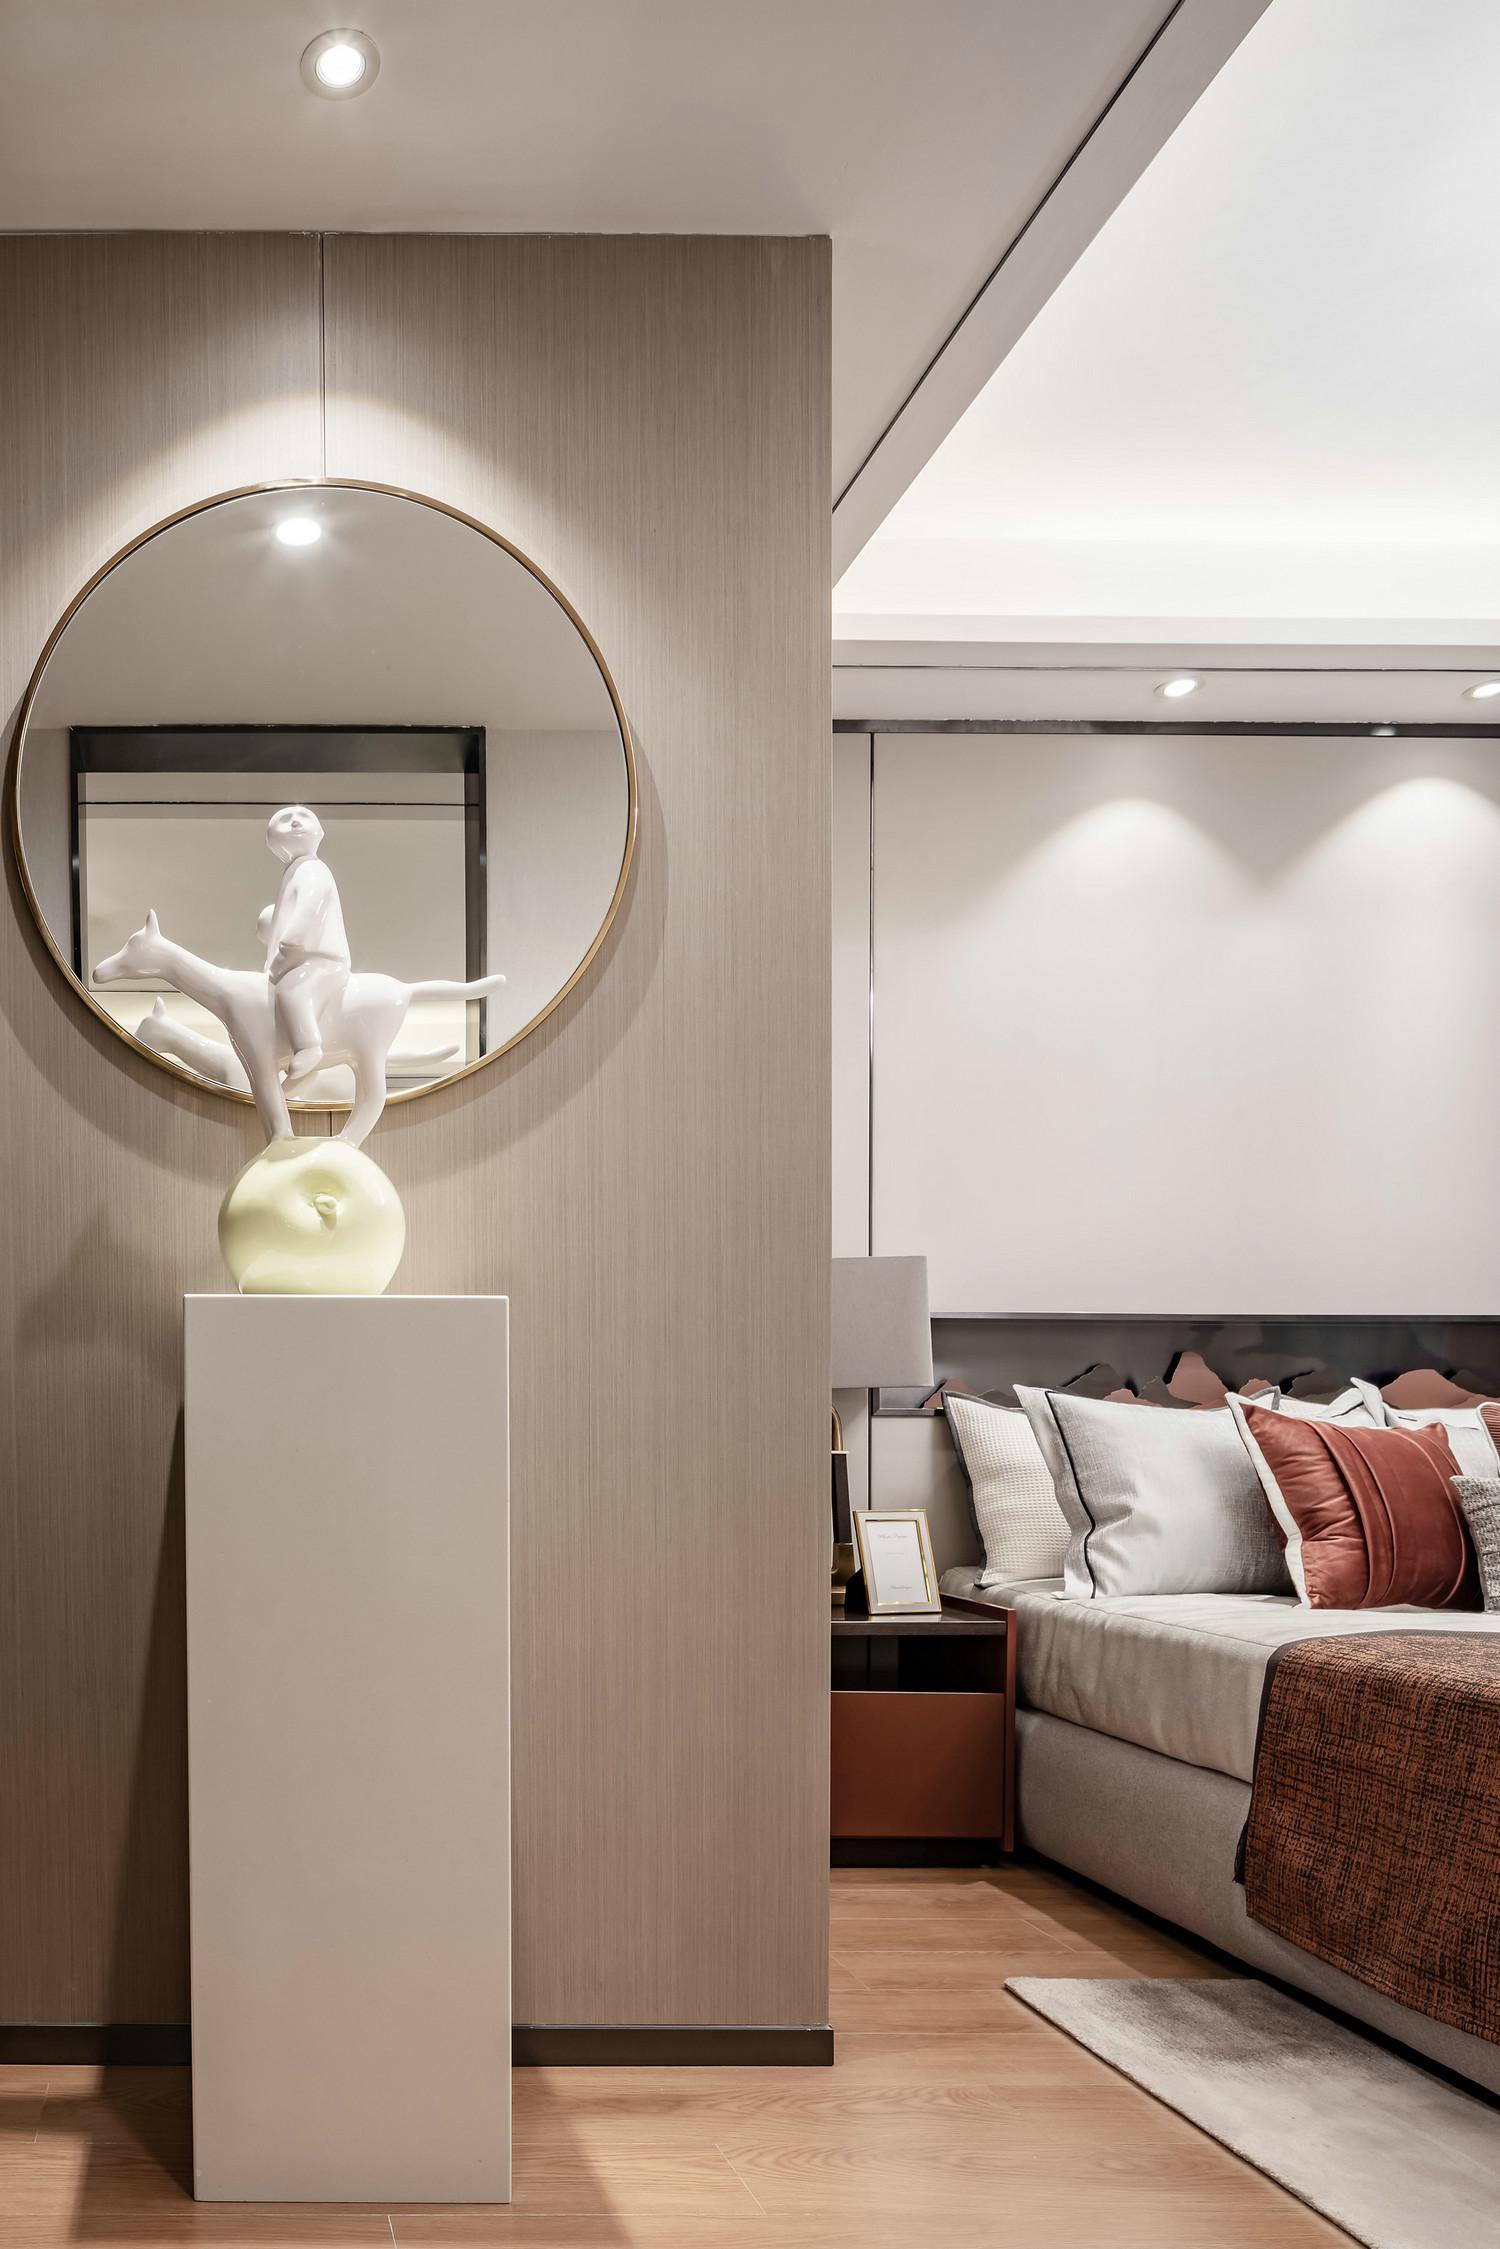 首先引入眼帘的是玄关,通顶隔断保证了居室的私密性,也对步入客厅起到了适当的过渡作用。